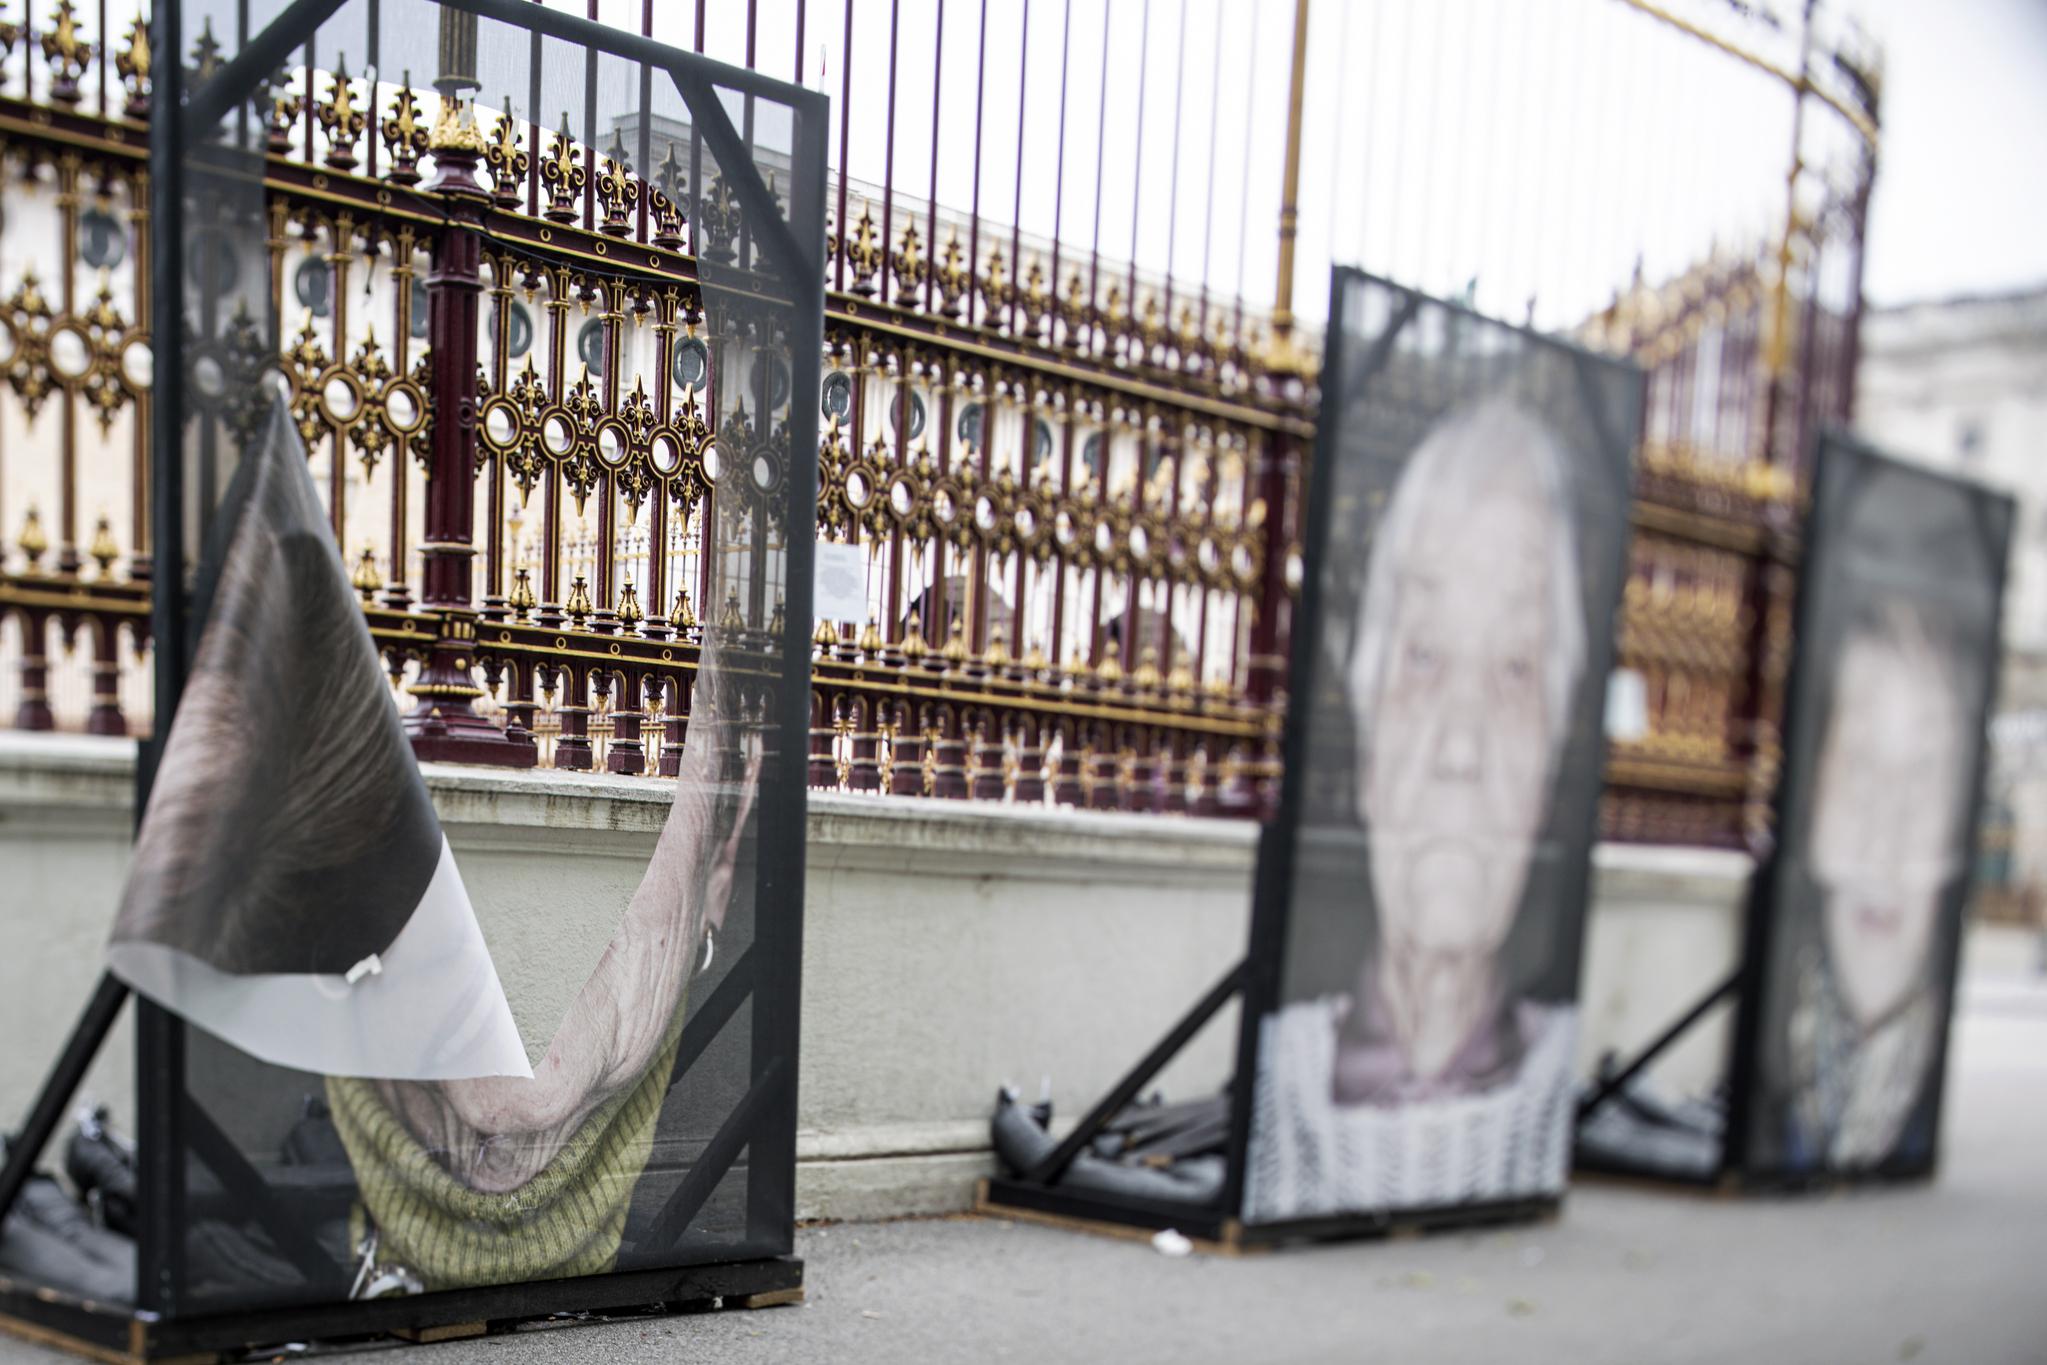 오스트리아 빈의 호프부르크 궁전을 배경으로 전시된 홀로코스트 생존자들의 초상화가 27일(현지시간) 크게 훼손되어 있다. [EPA=연합뉴스]